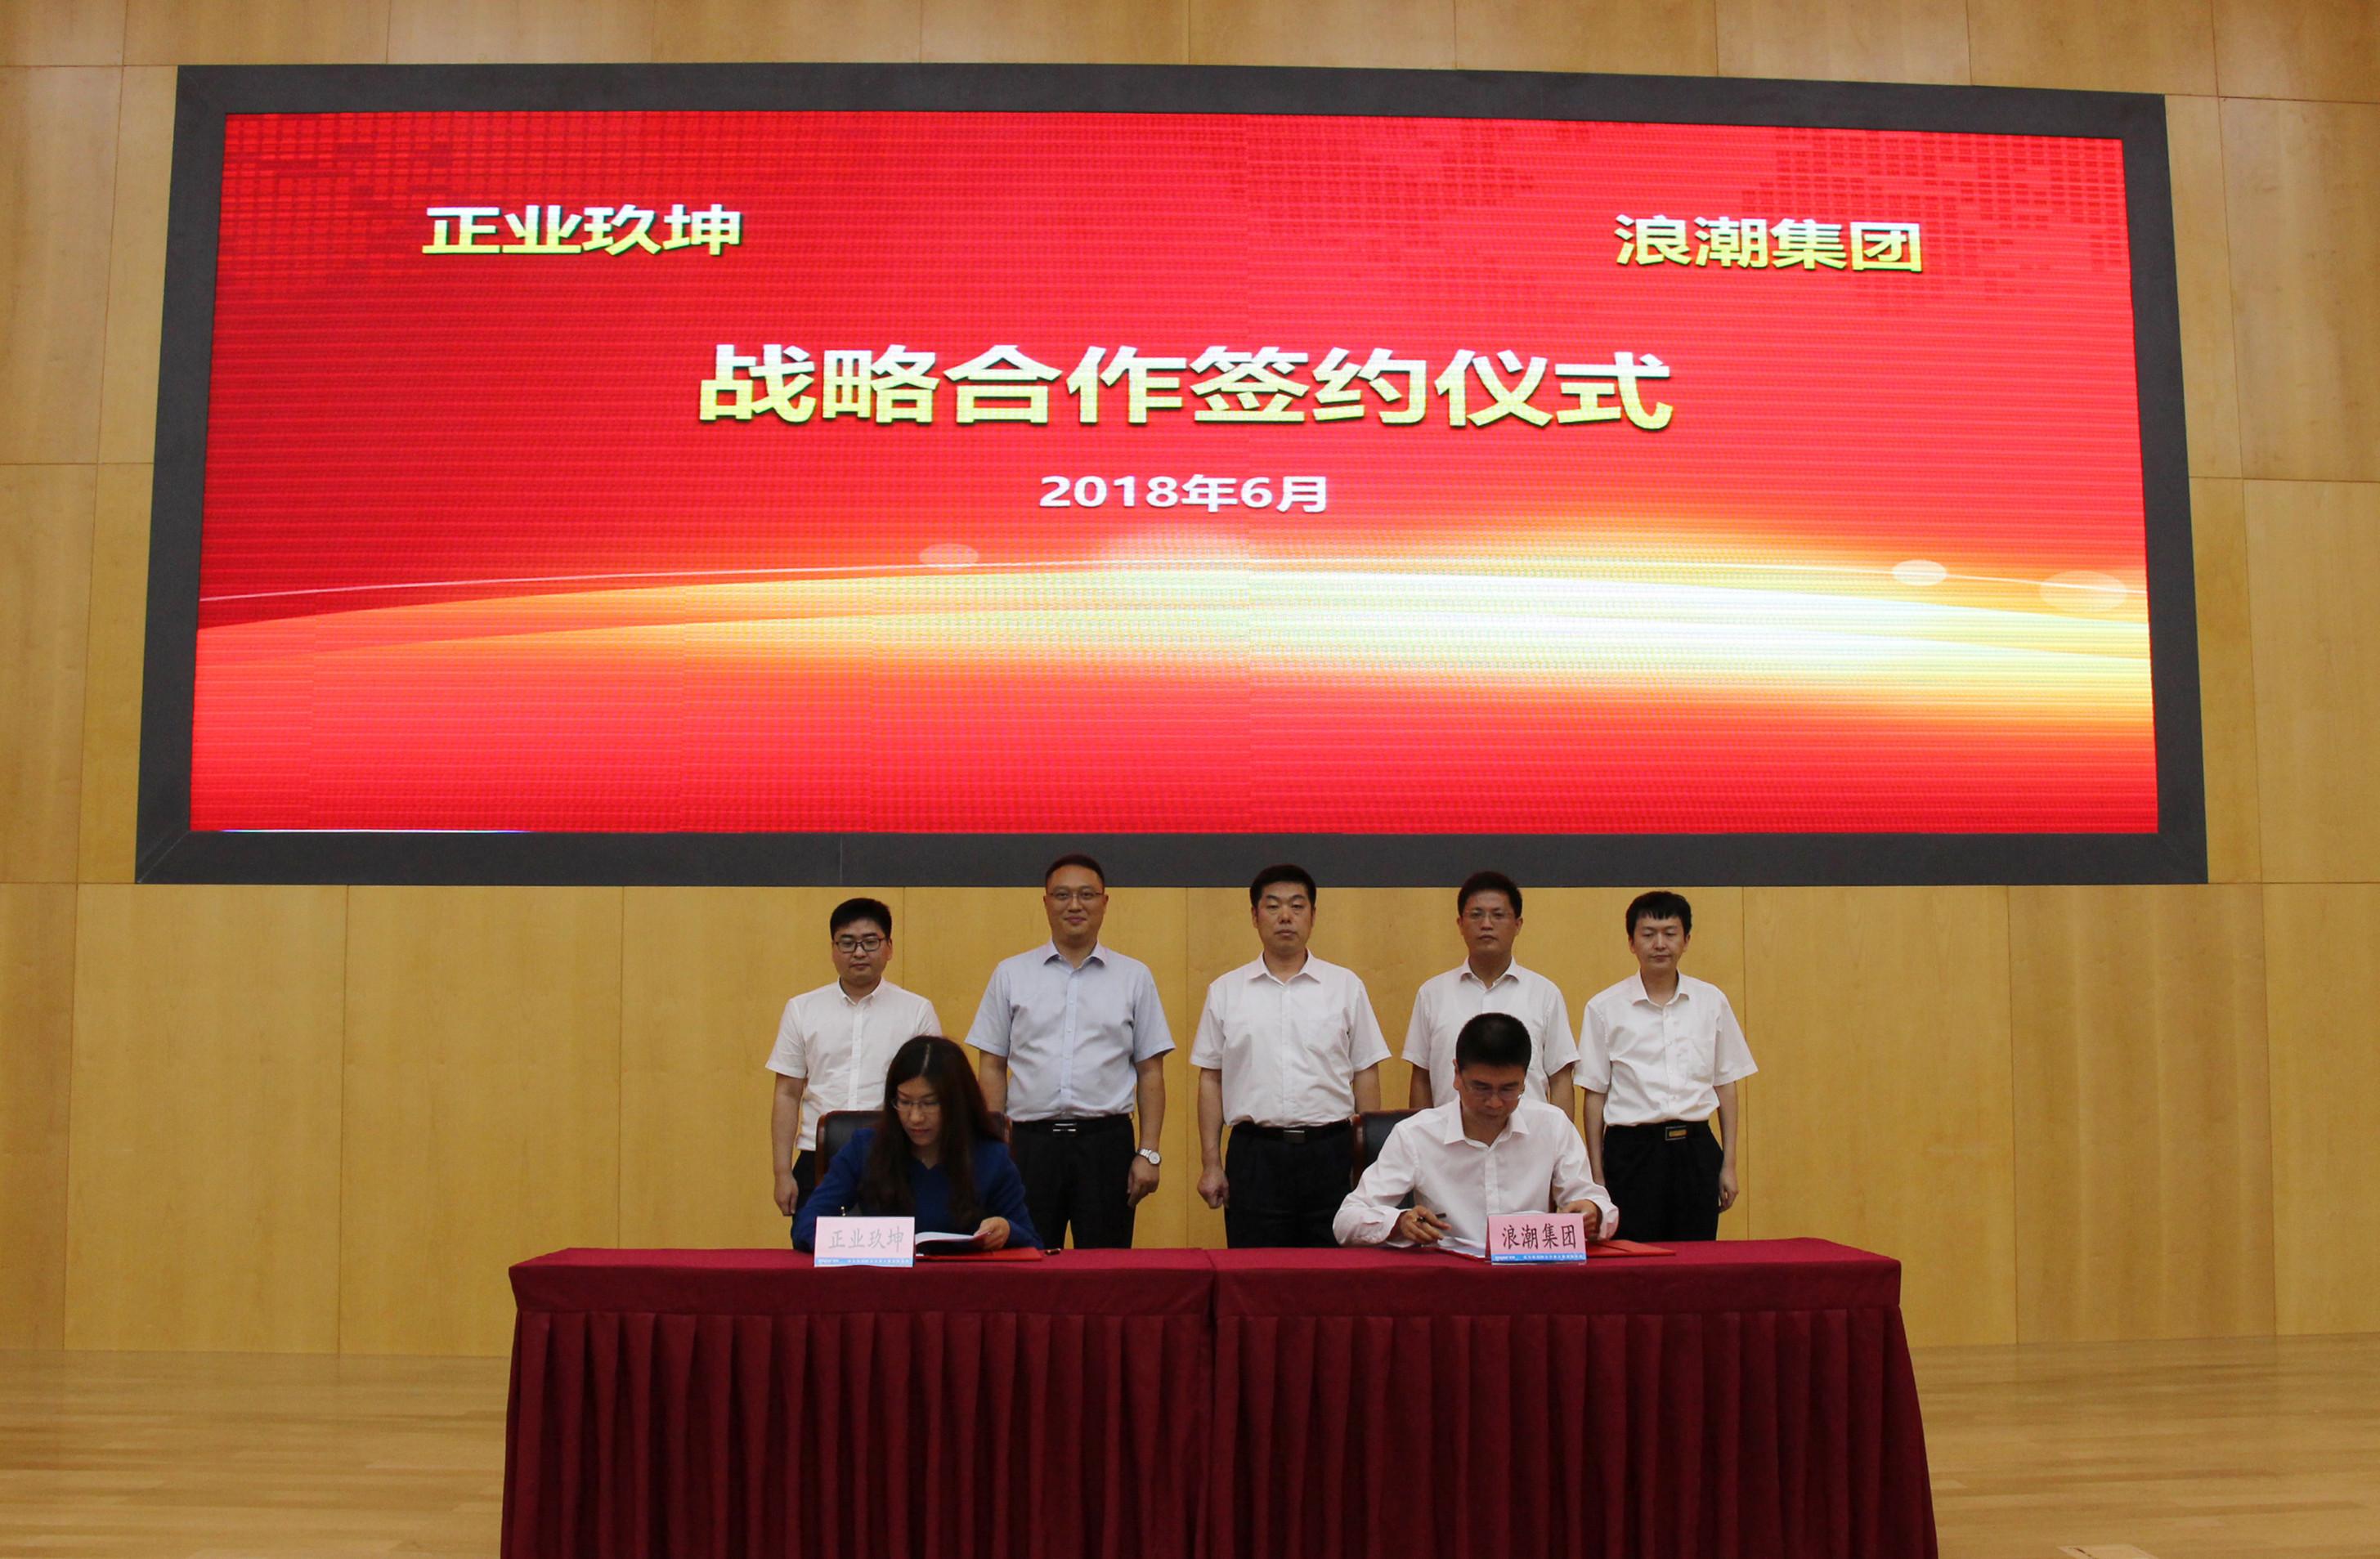 浪潮与正业玖坤签署工业互联网战略合作协议